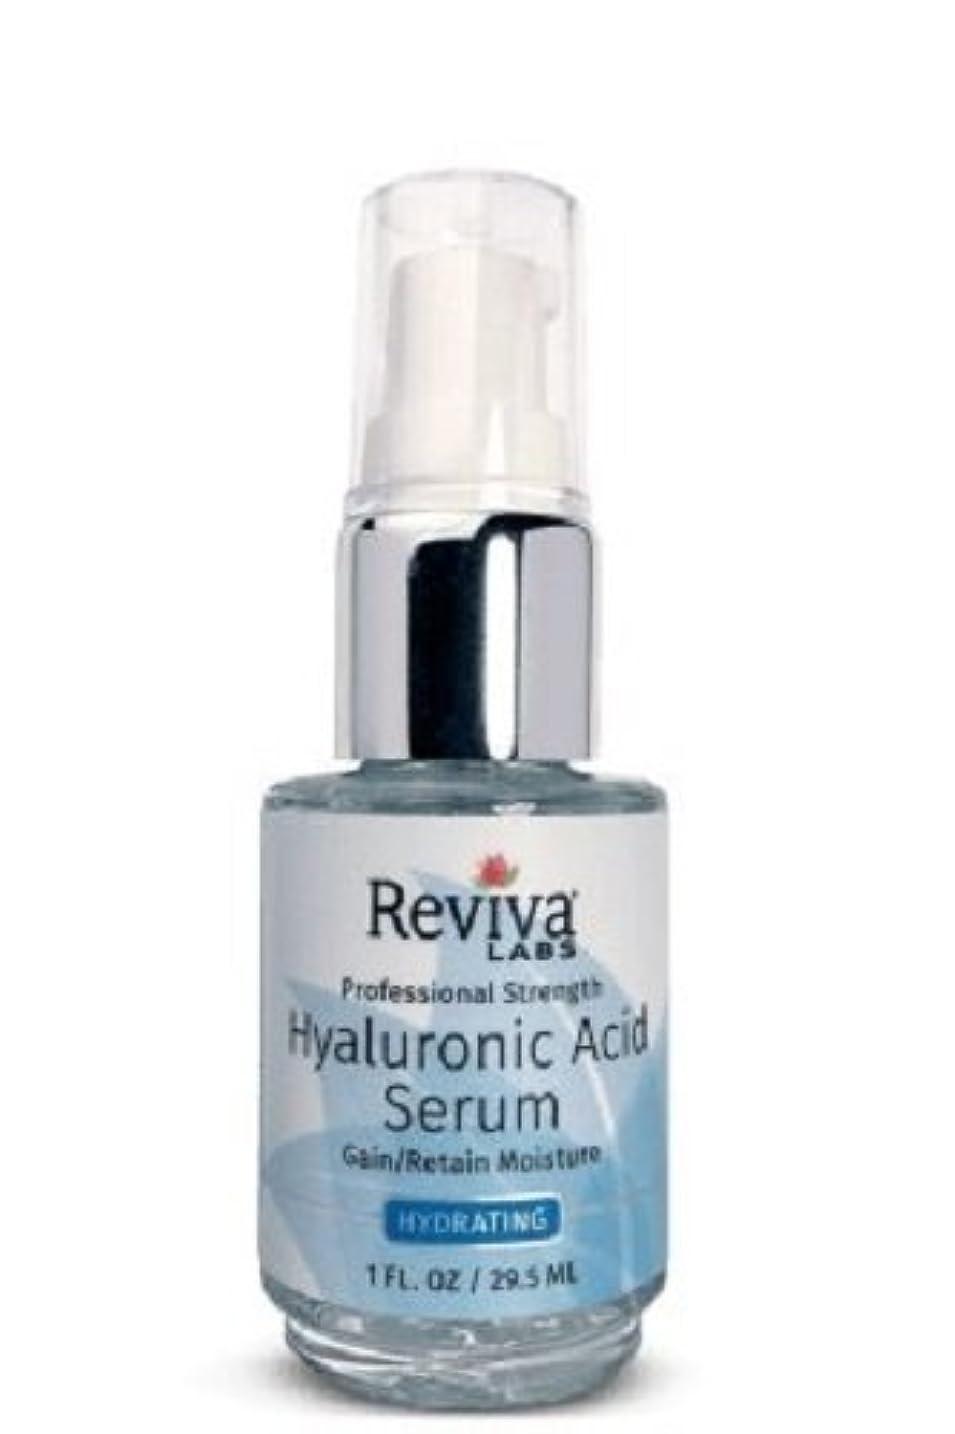 サージを通して永久Reviva Labs, Professional Strength Hyaluronic Acid Serum, 1 fl oz (29.5 ml)